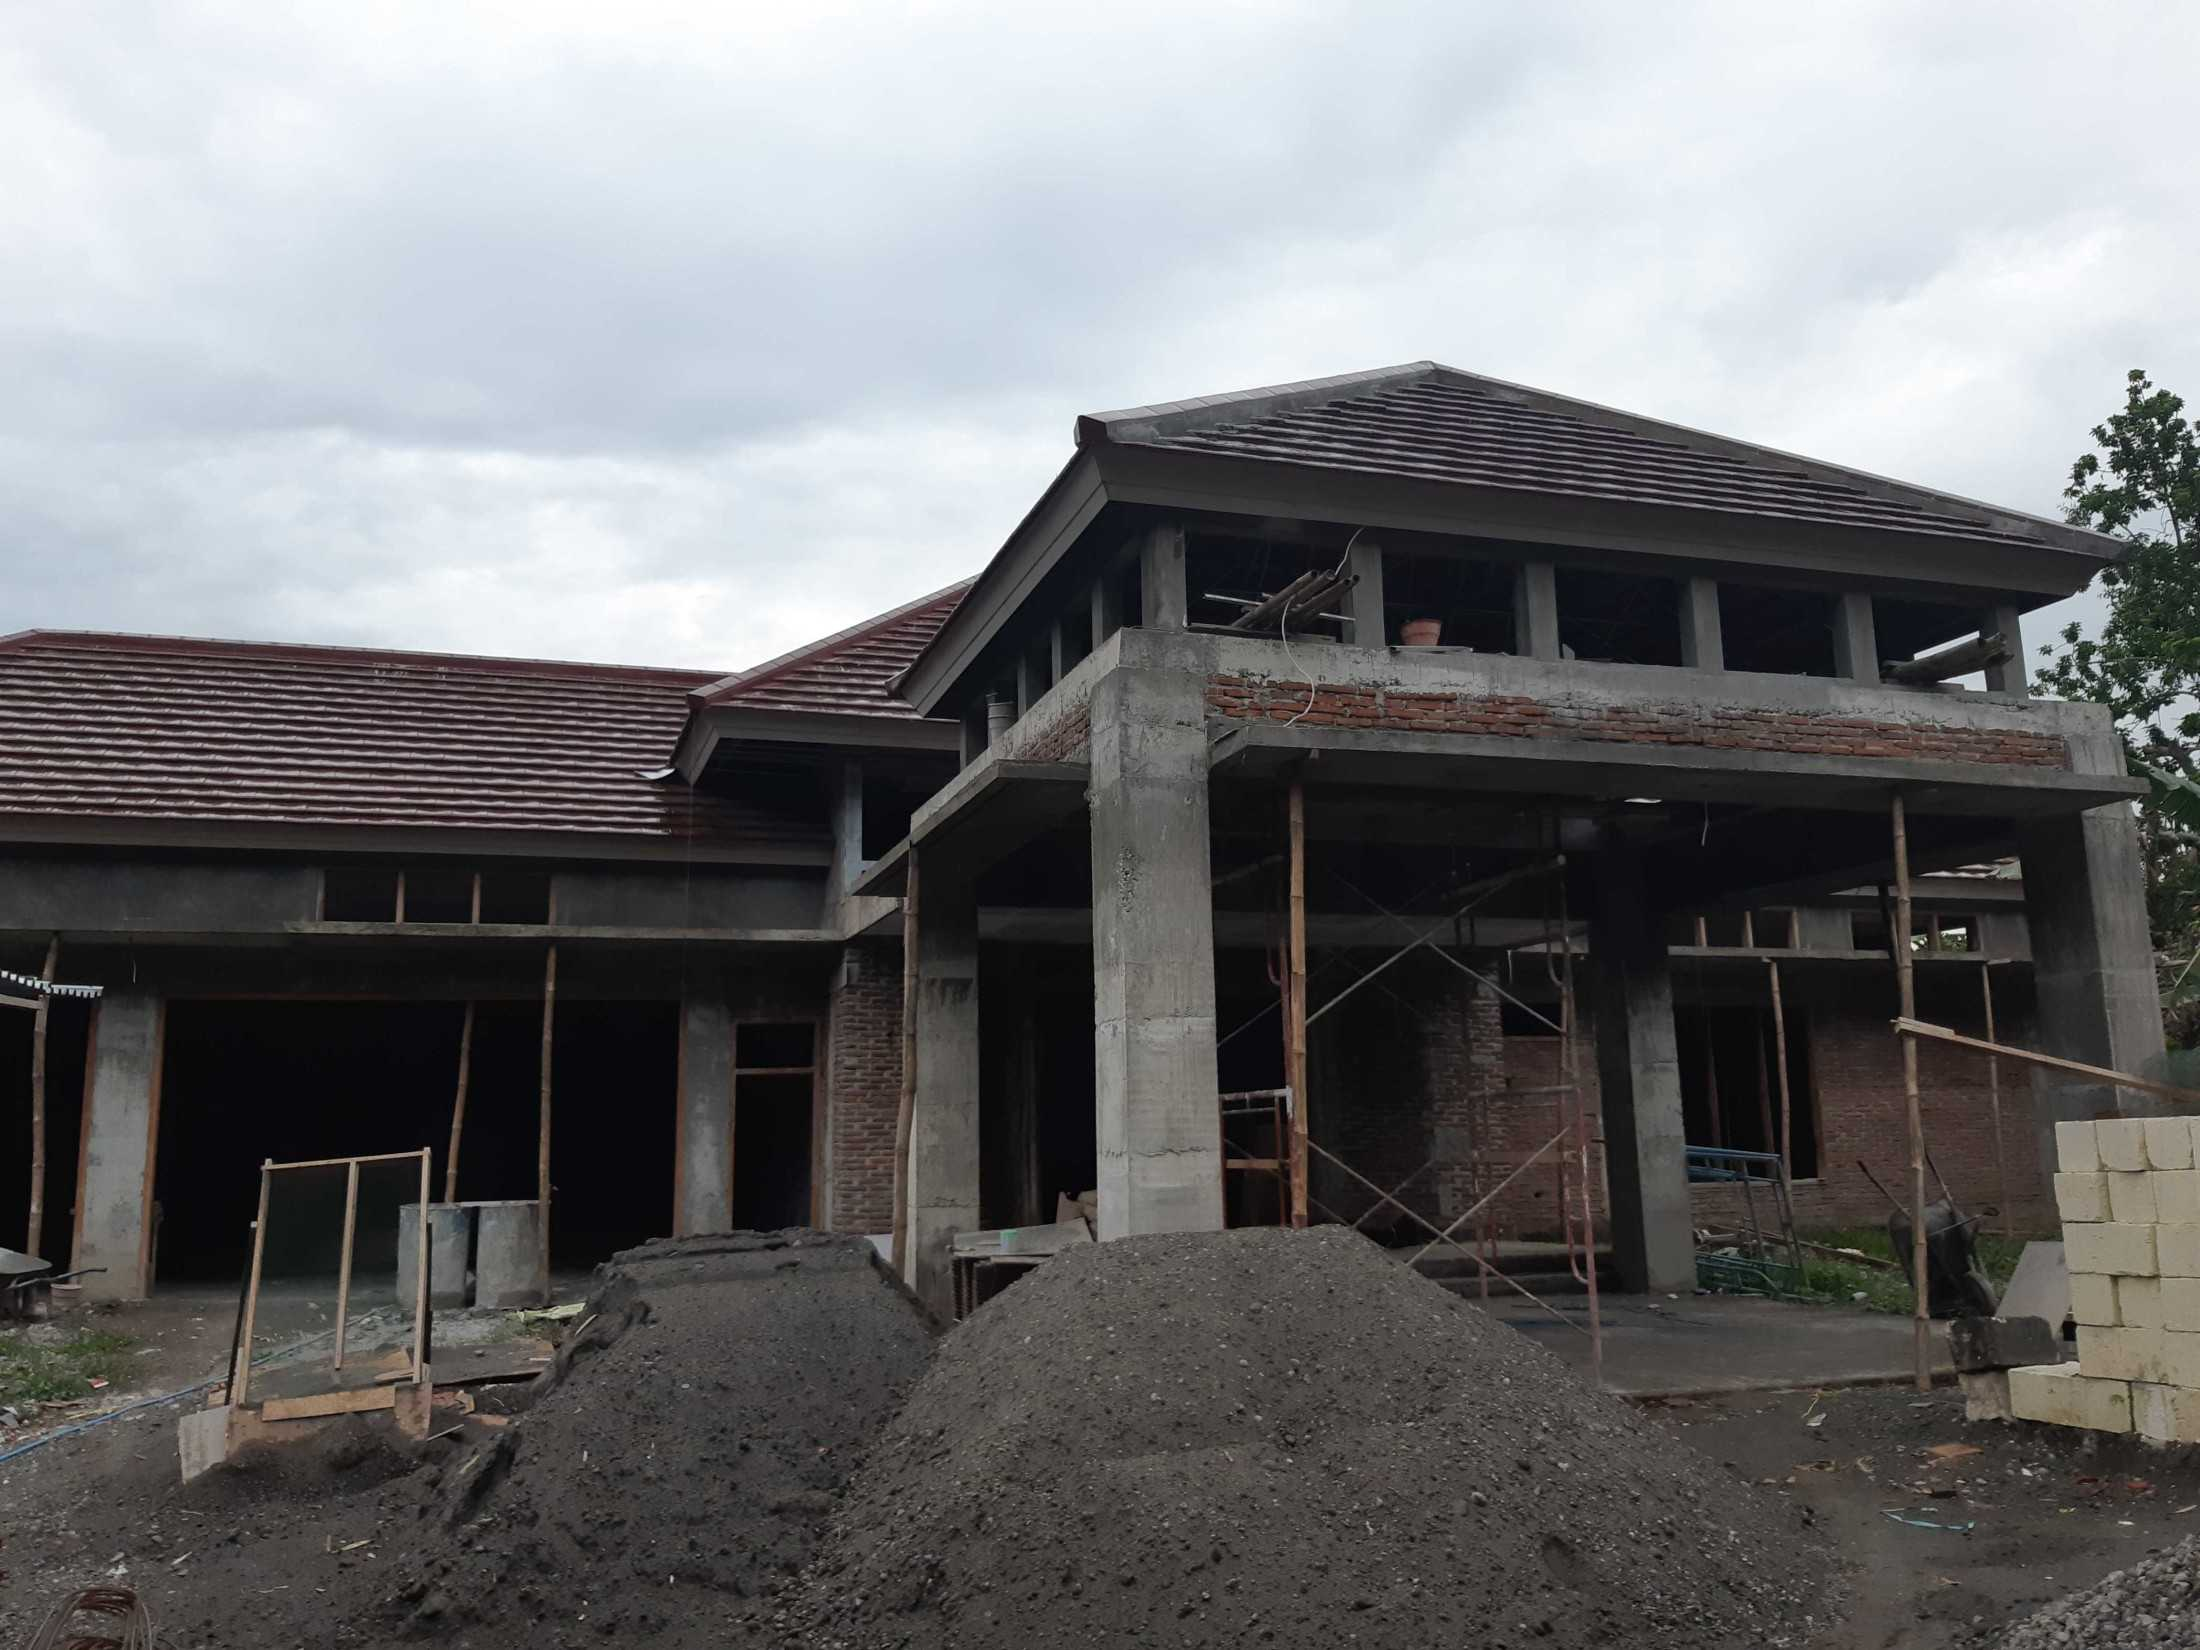 Gradasi Pungky House Mojokerto, Mergelo, Kota Mojokerto, Jawa Timur, Indonesia Mojokerto, Mergelo, Kota Mojokerto, Jawa Timur, Indonesia Gradasi7-Pungky-House  89096